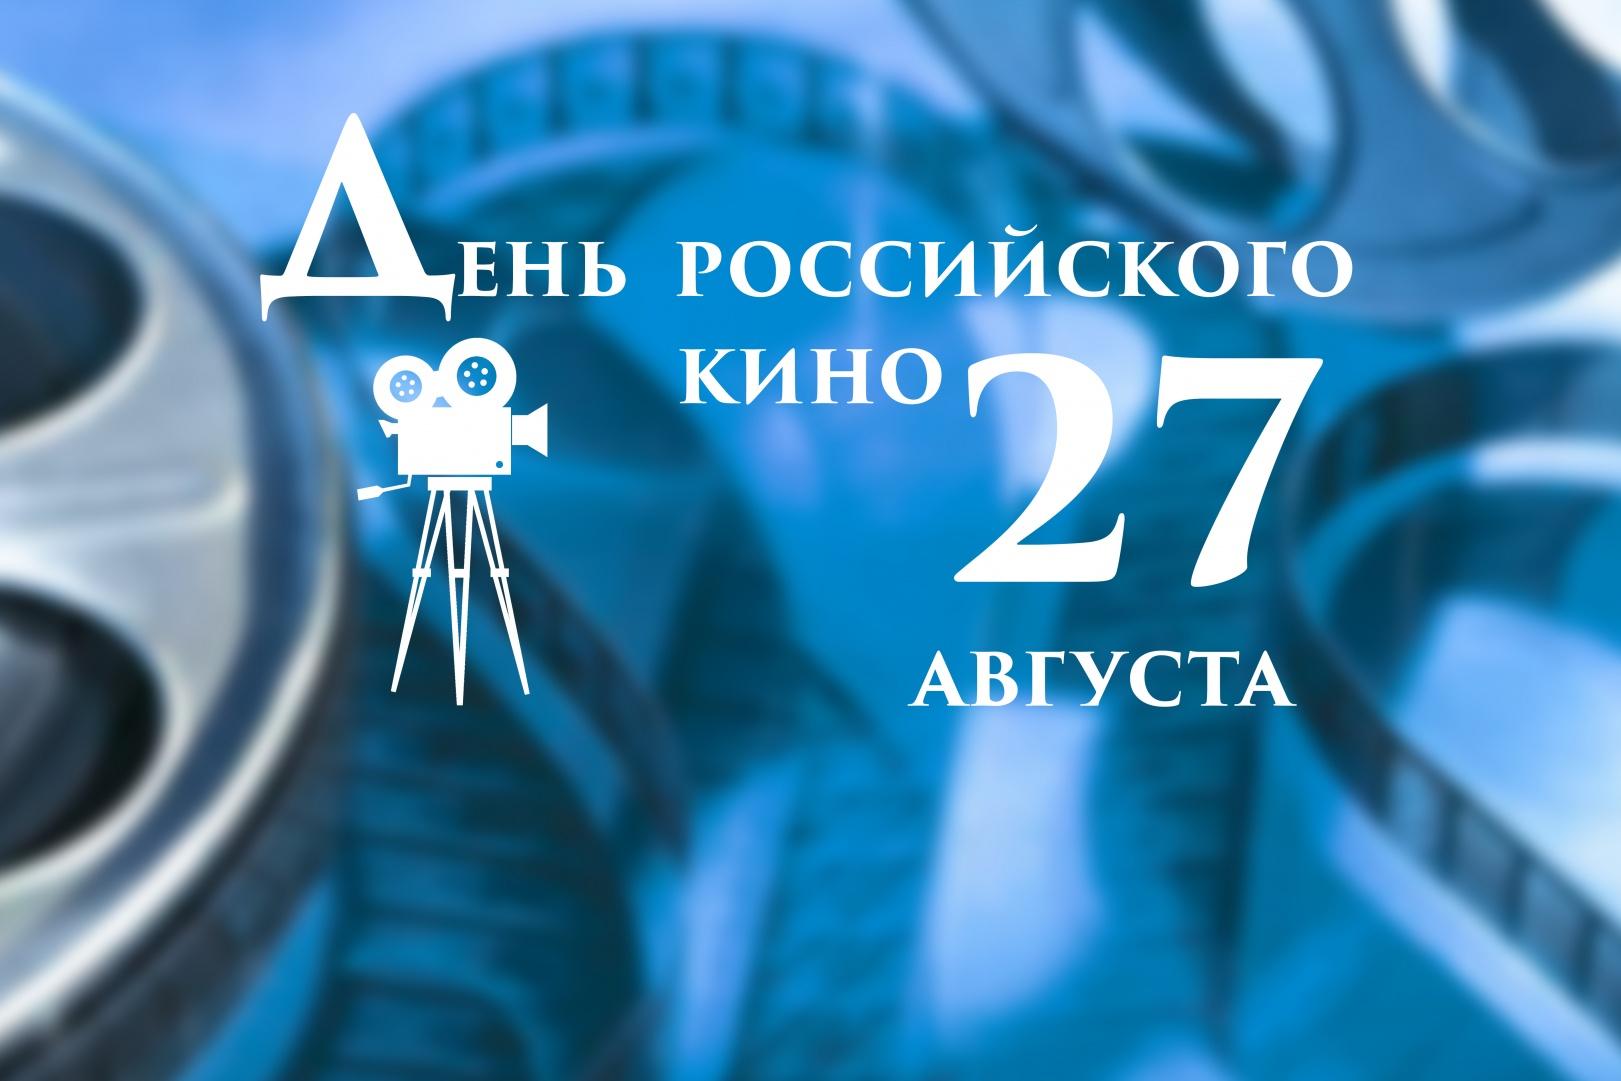 Поздравления к день российского кино